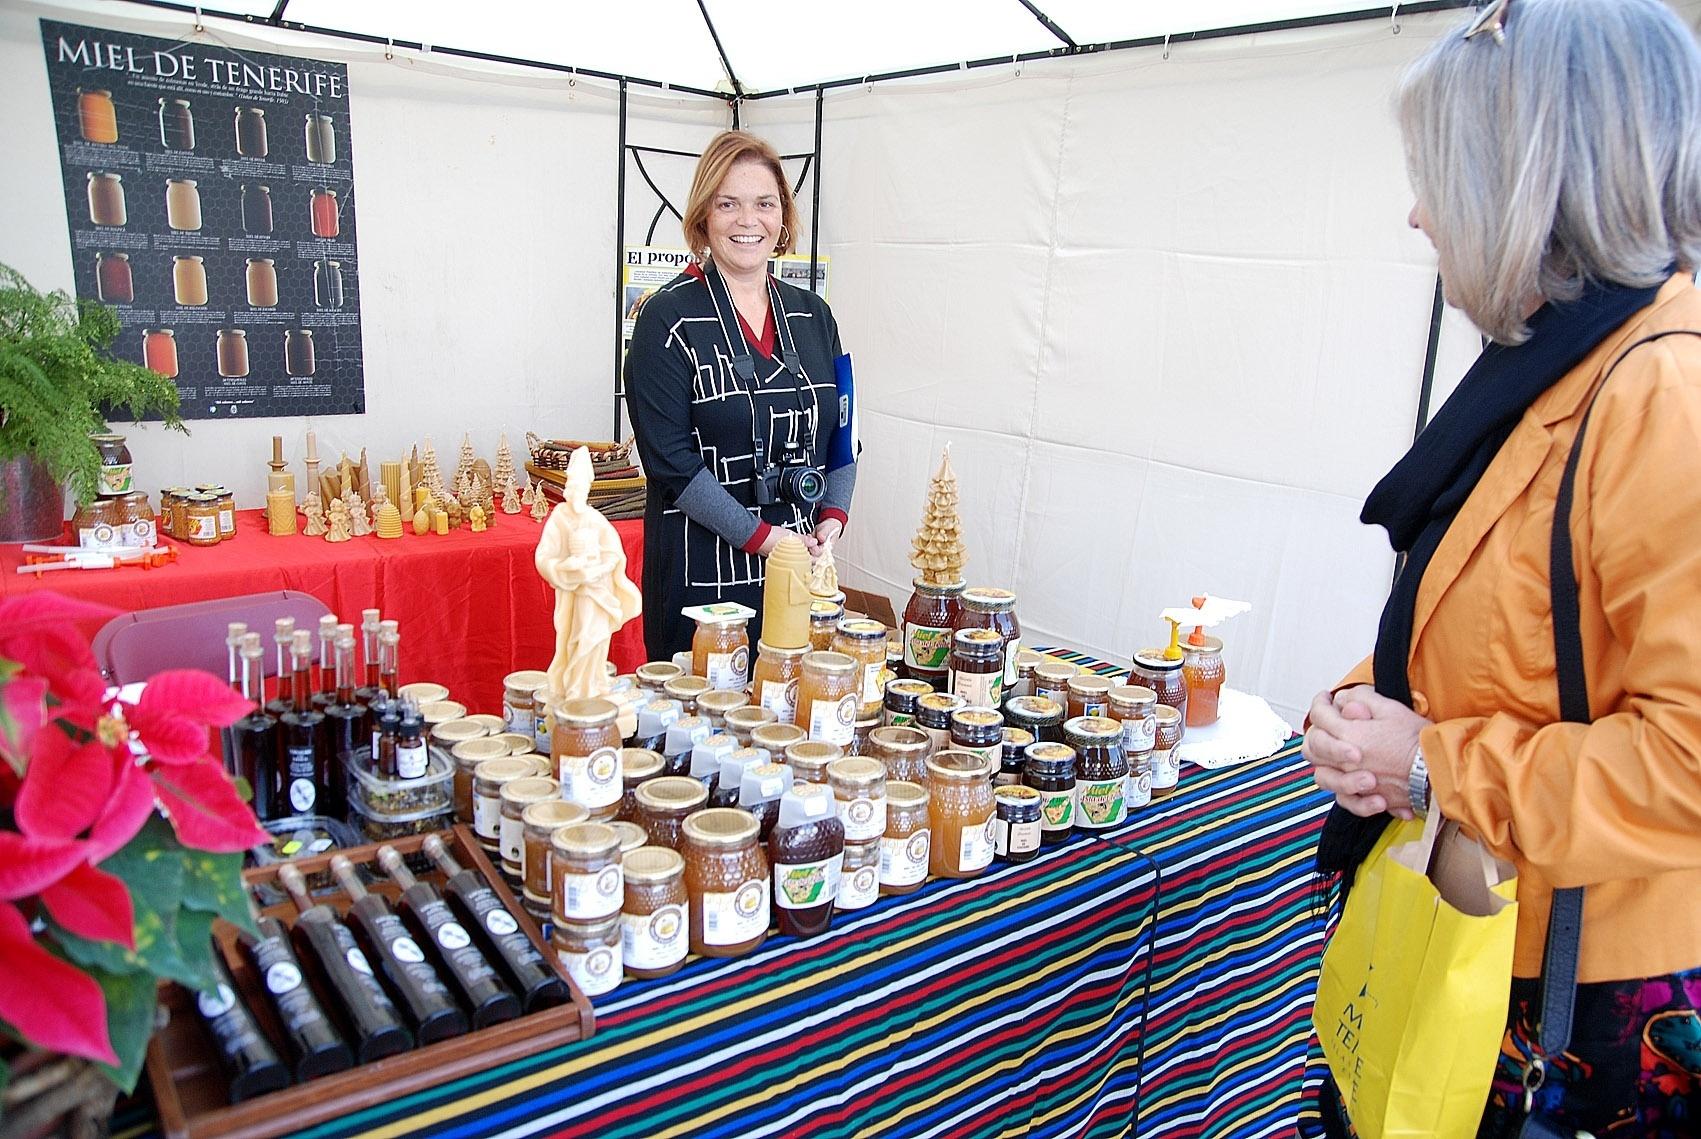 El Sauzal (Tenerife) acoge este fin de semana la feria de la miel